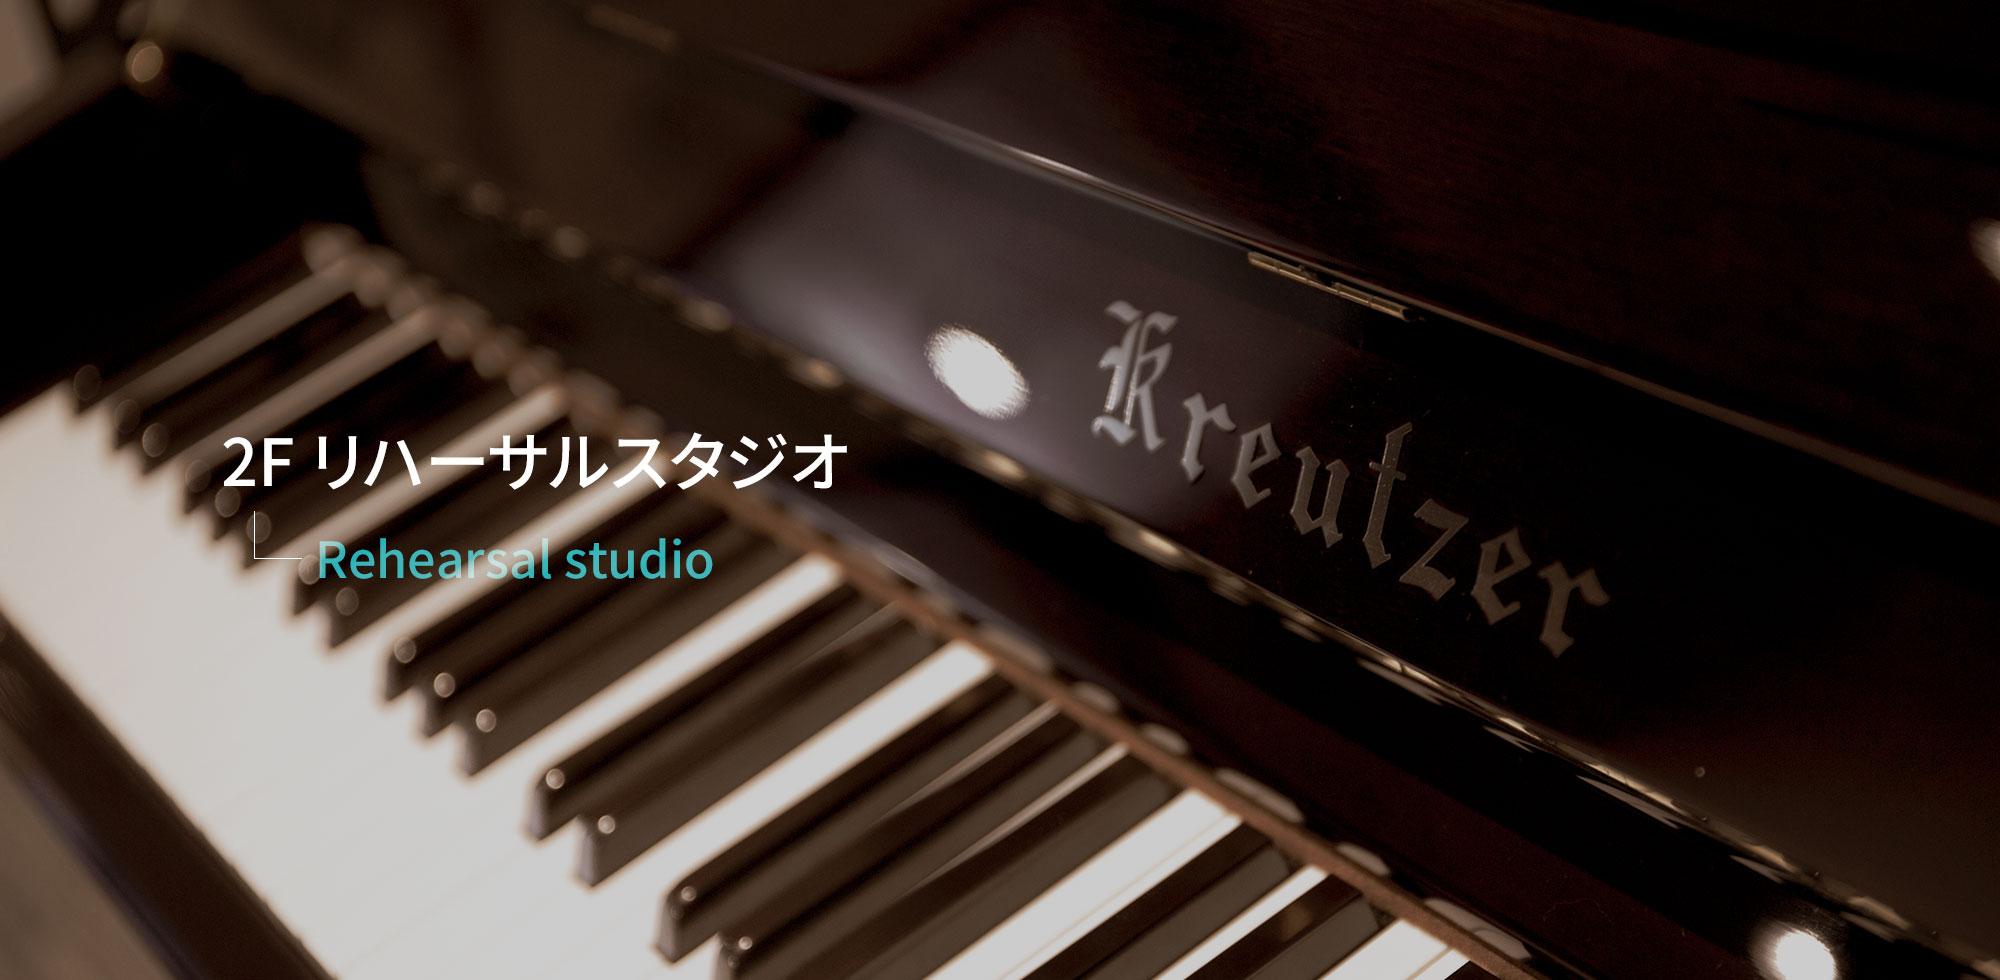 2Fリハーサルスタジオ